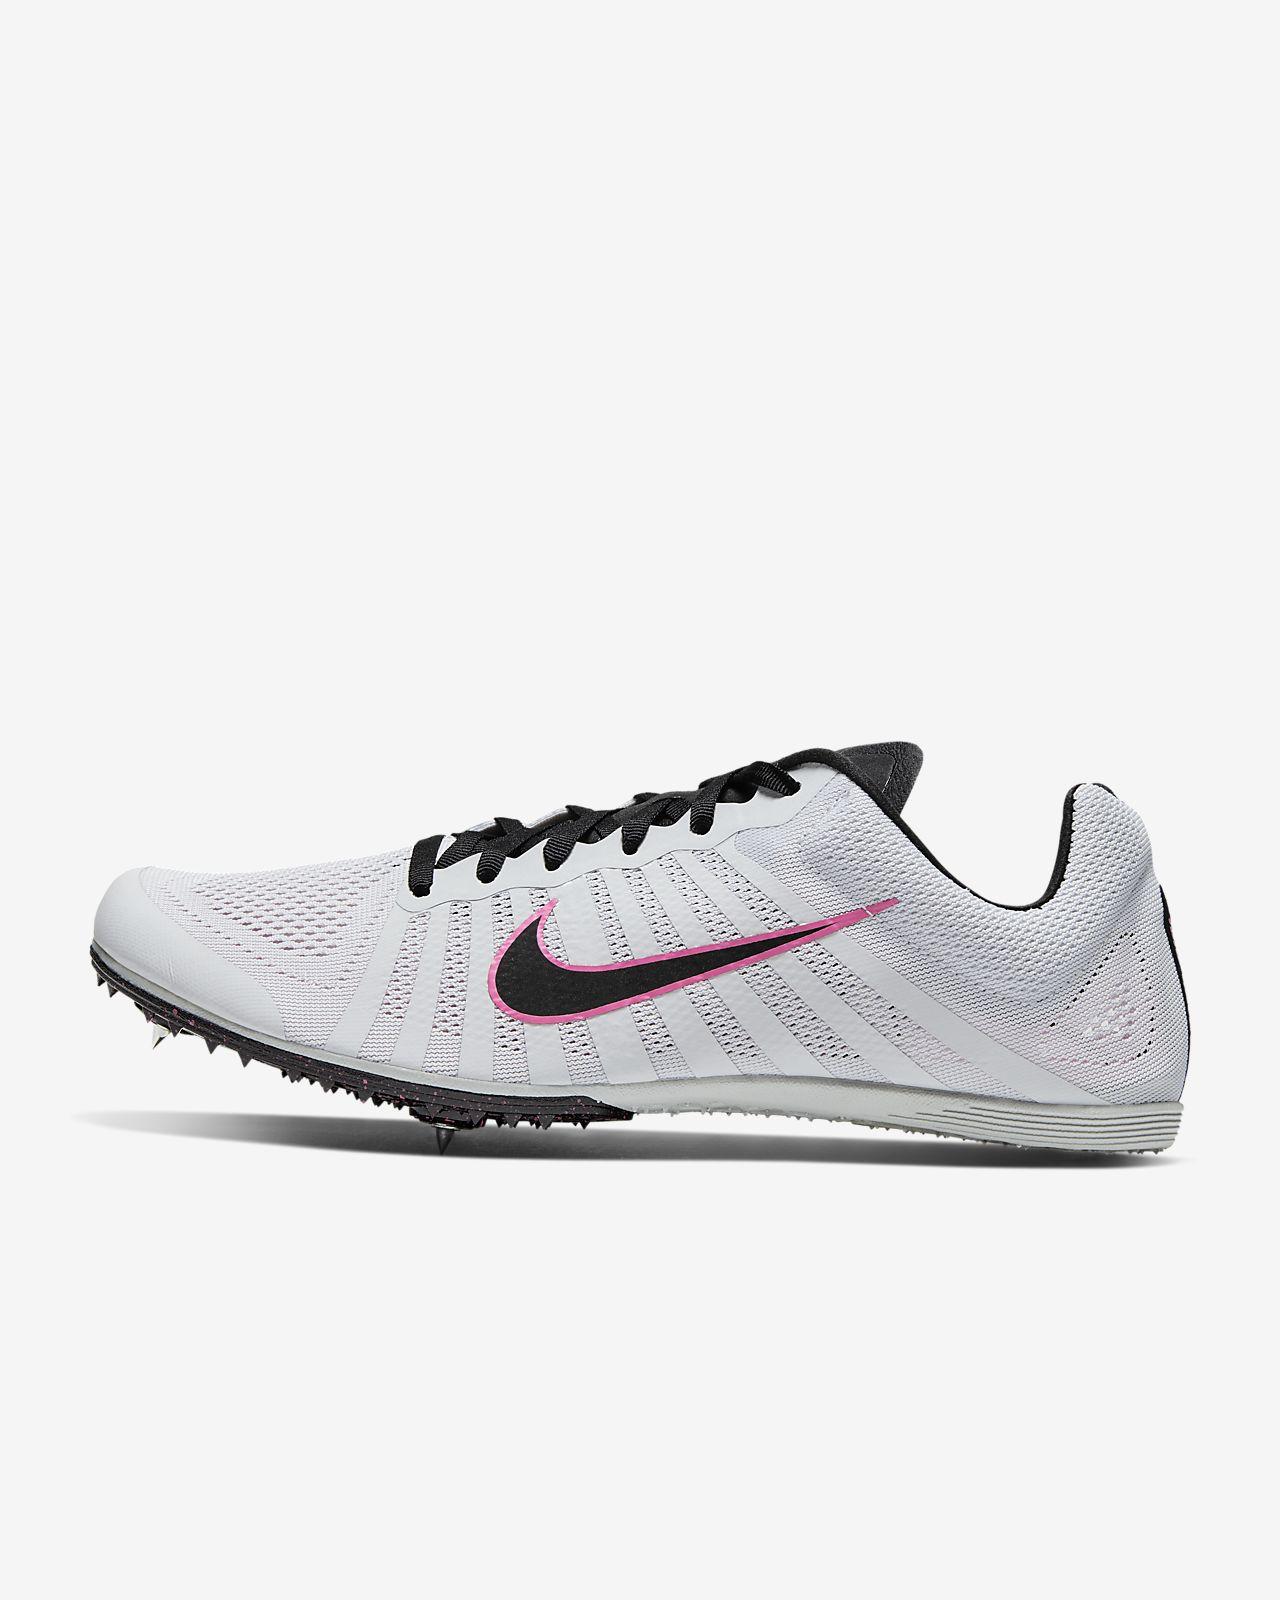 Nike Zoom D Track Spike